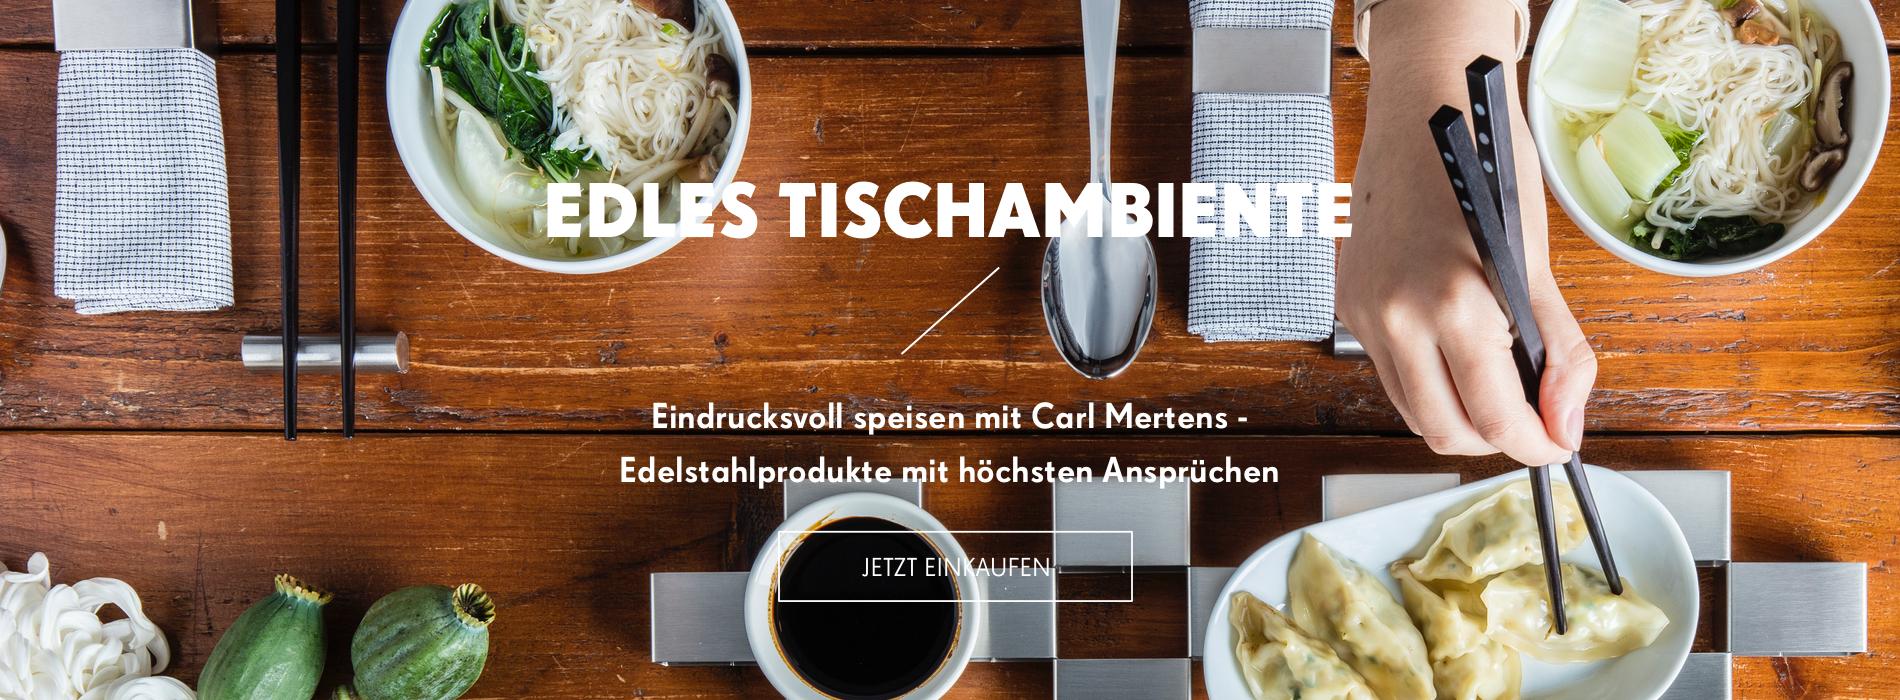 Edel speisen mit den Edelstahlprodukten von Carl Mertens